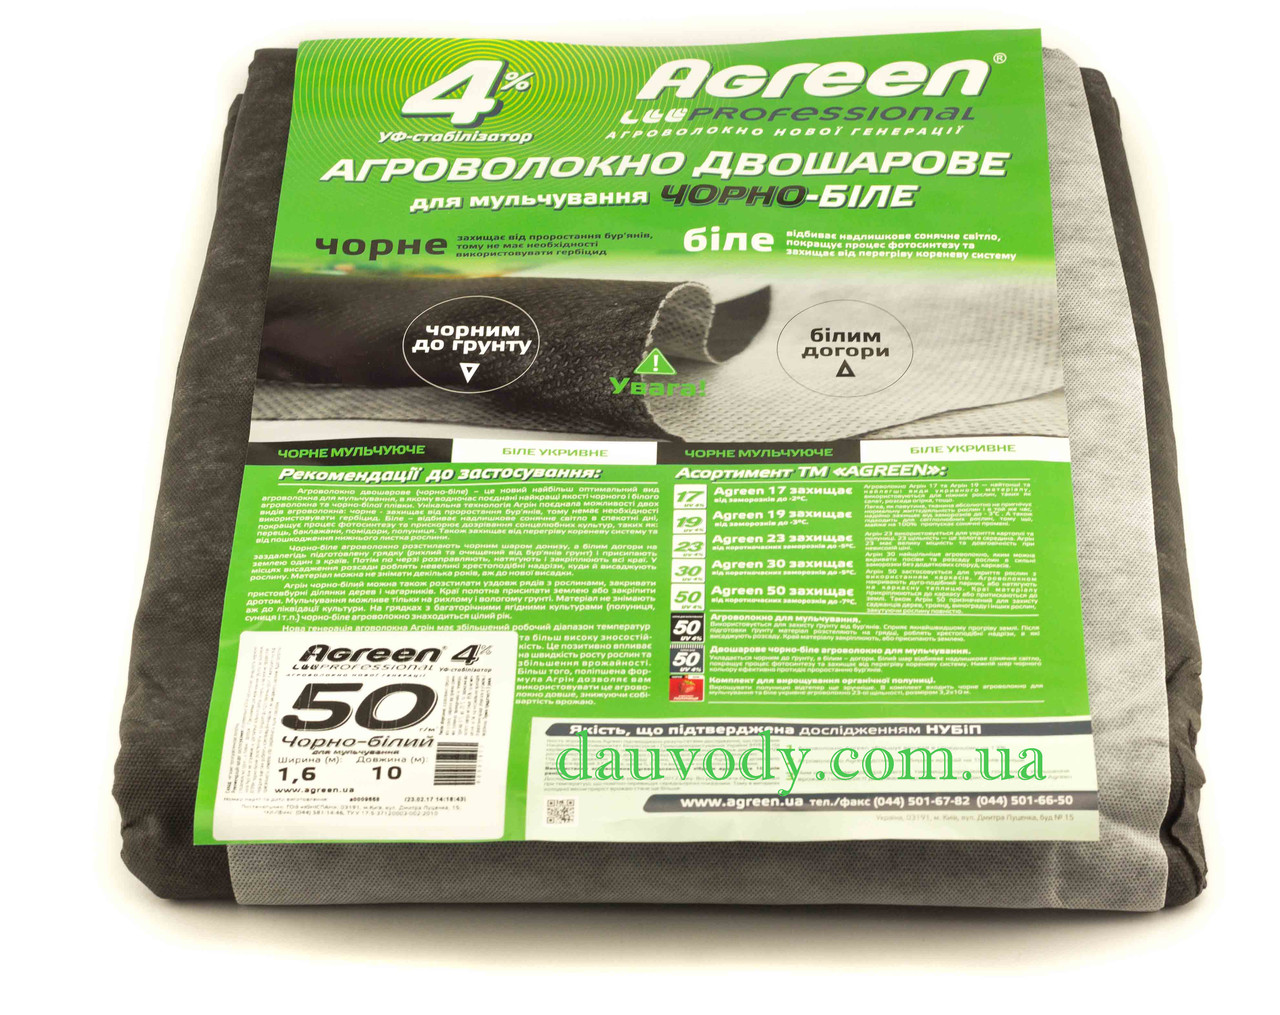 Агроволокно черно-белое 50 плотность (3.2м*10м) Agreen